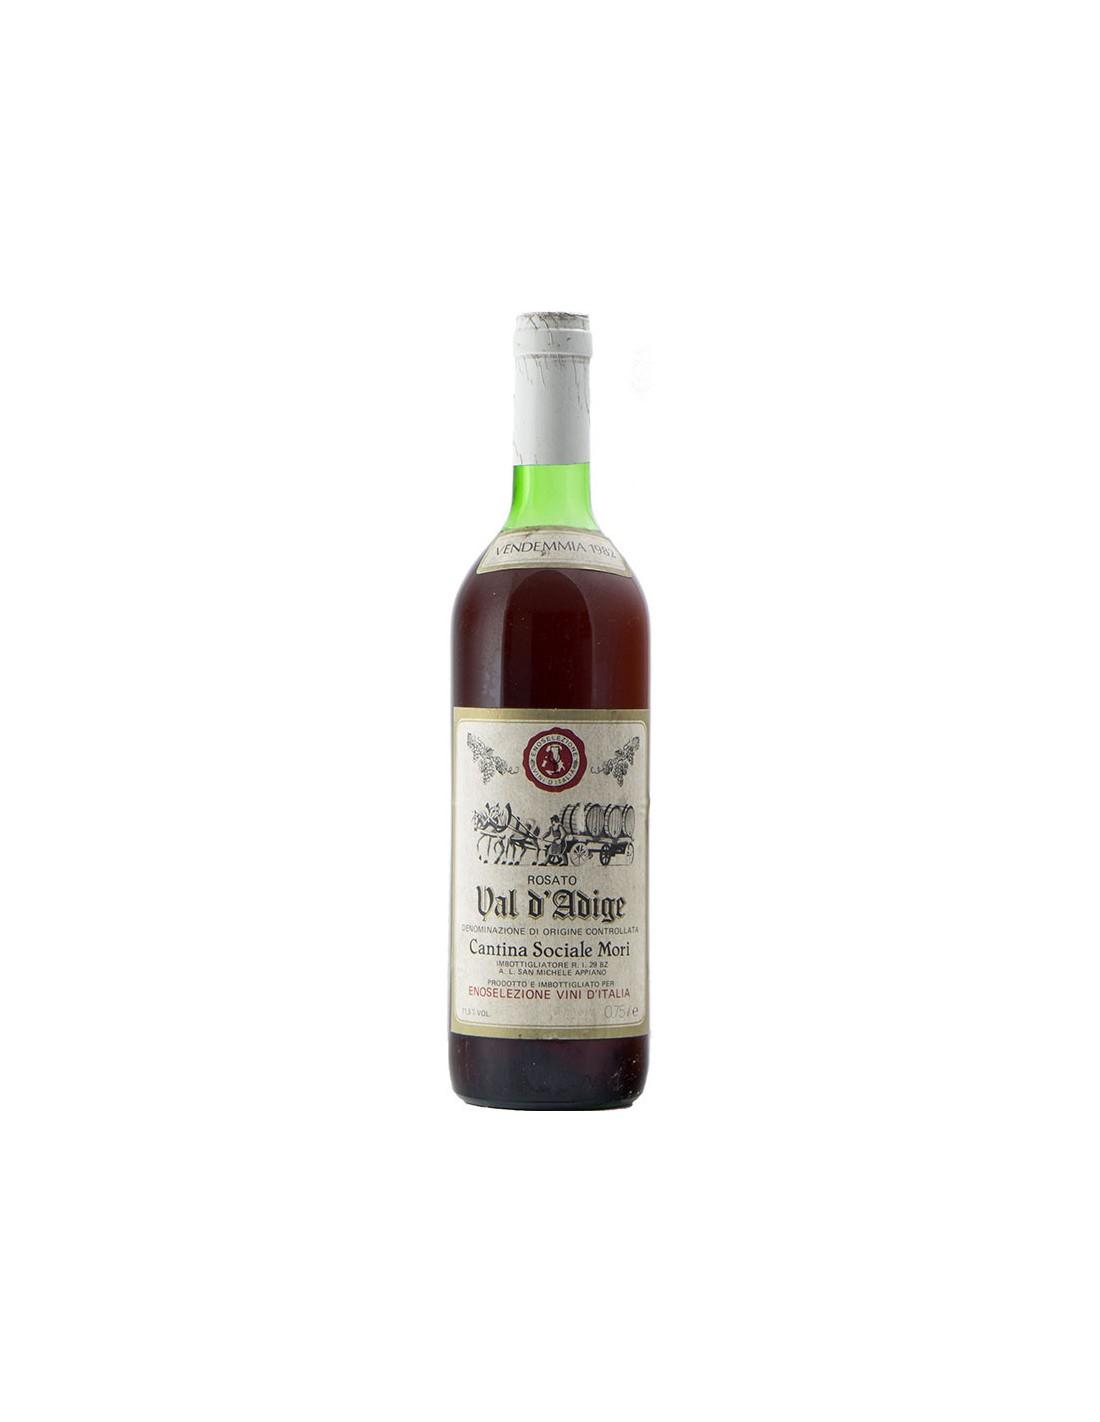 ROSATO VAL D'ADIGE 1982 CANTINA MORI Grandi Bottiglie